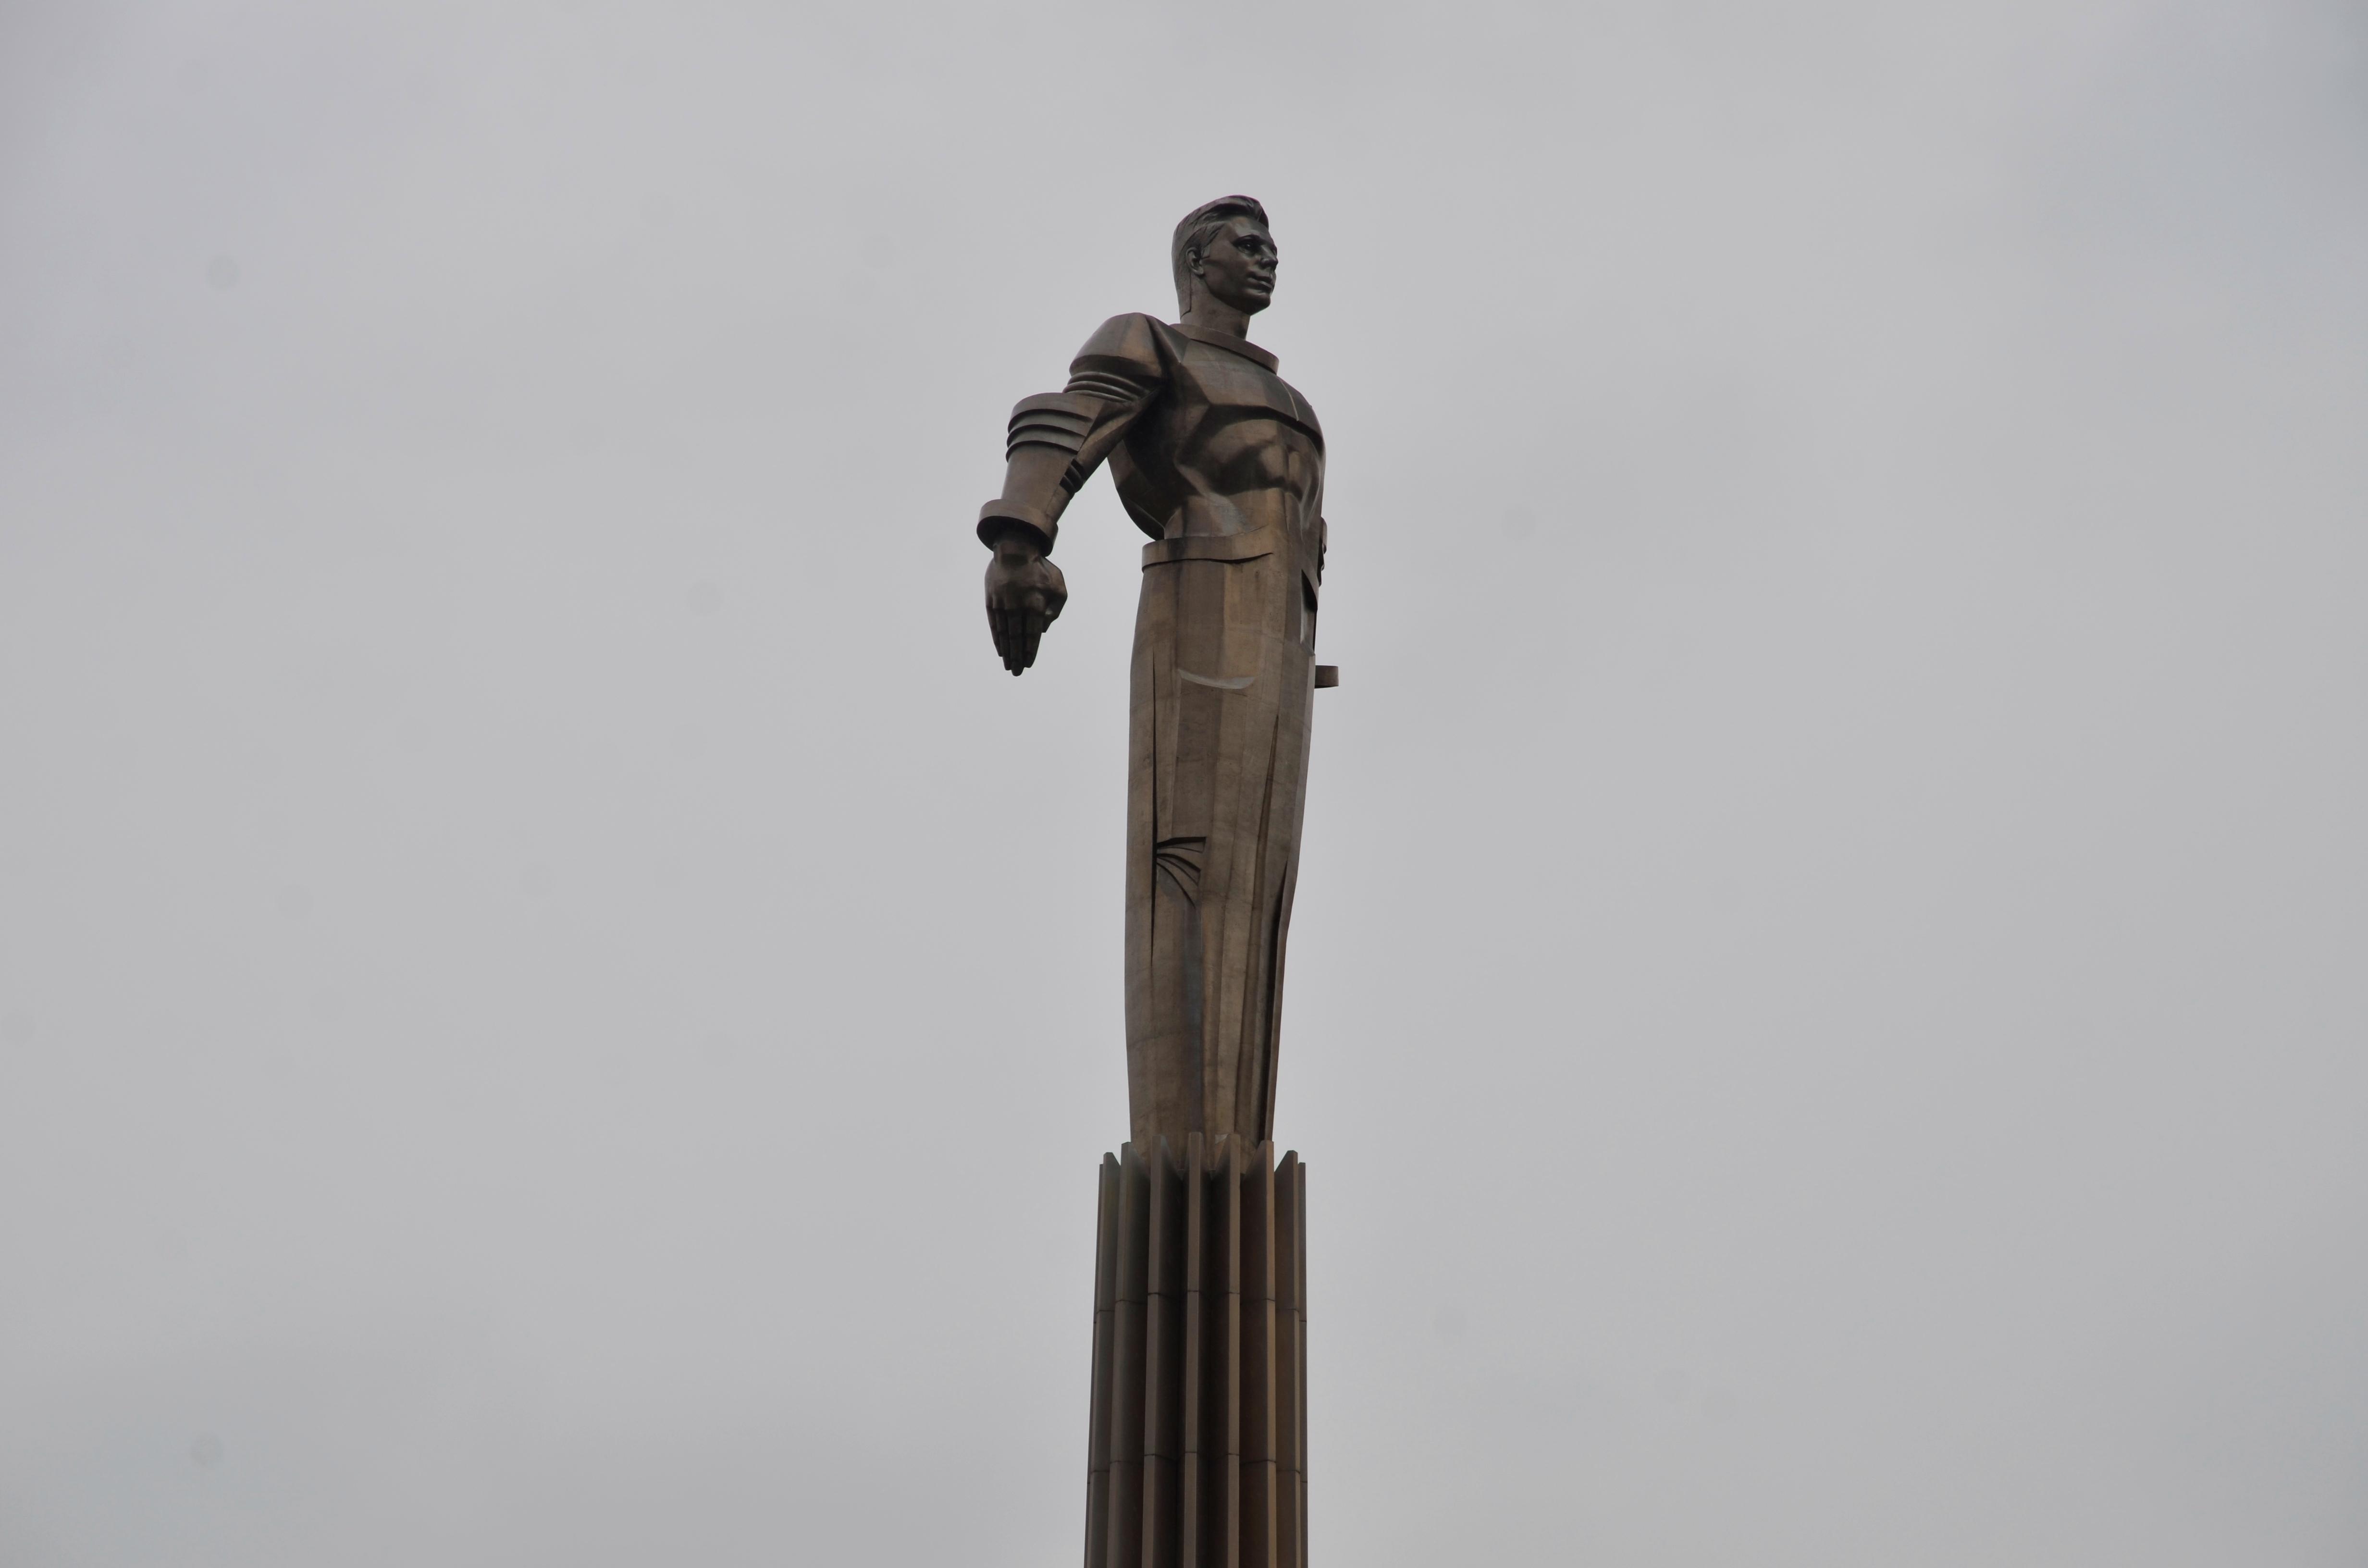 Памятник Юрию Гагарину могут признать лучшим в столице